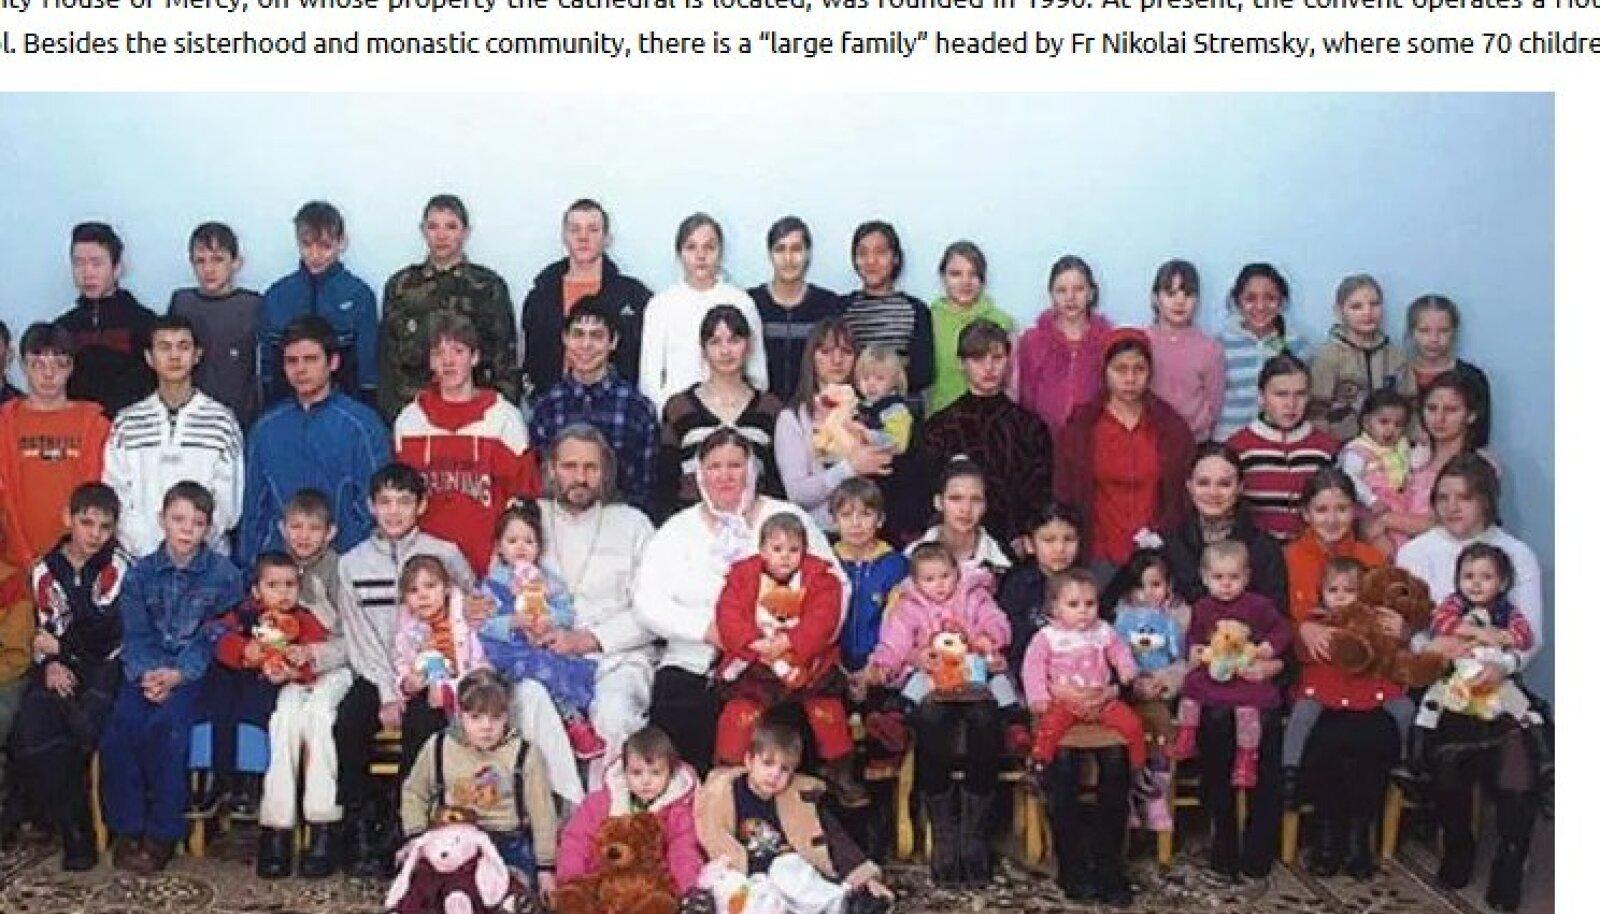 Isa Nikolai üheksa oma lapse ja adoptiivlastega.